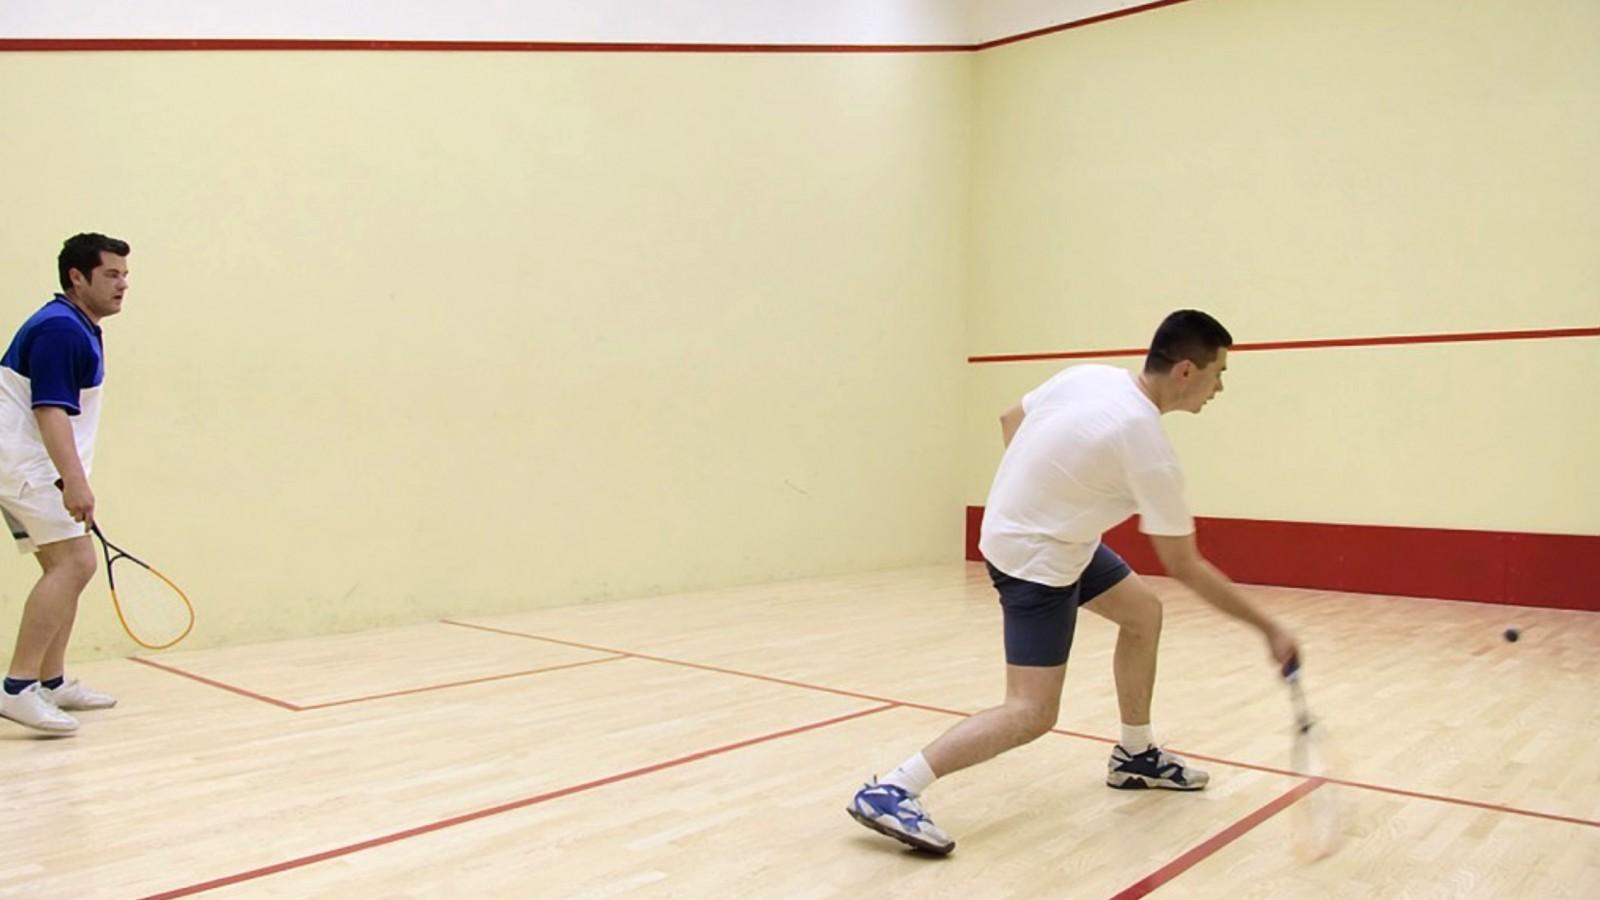 Activ Squash - Ricochet București